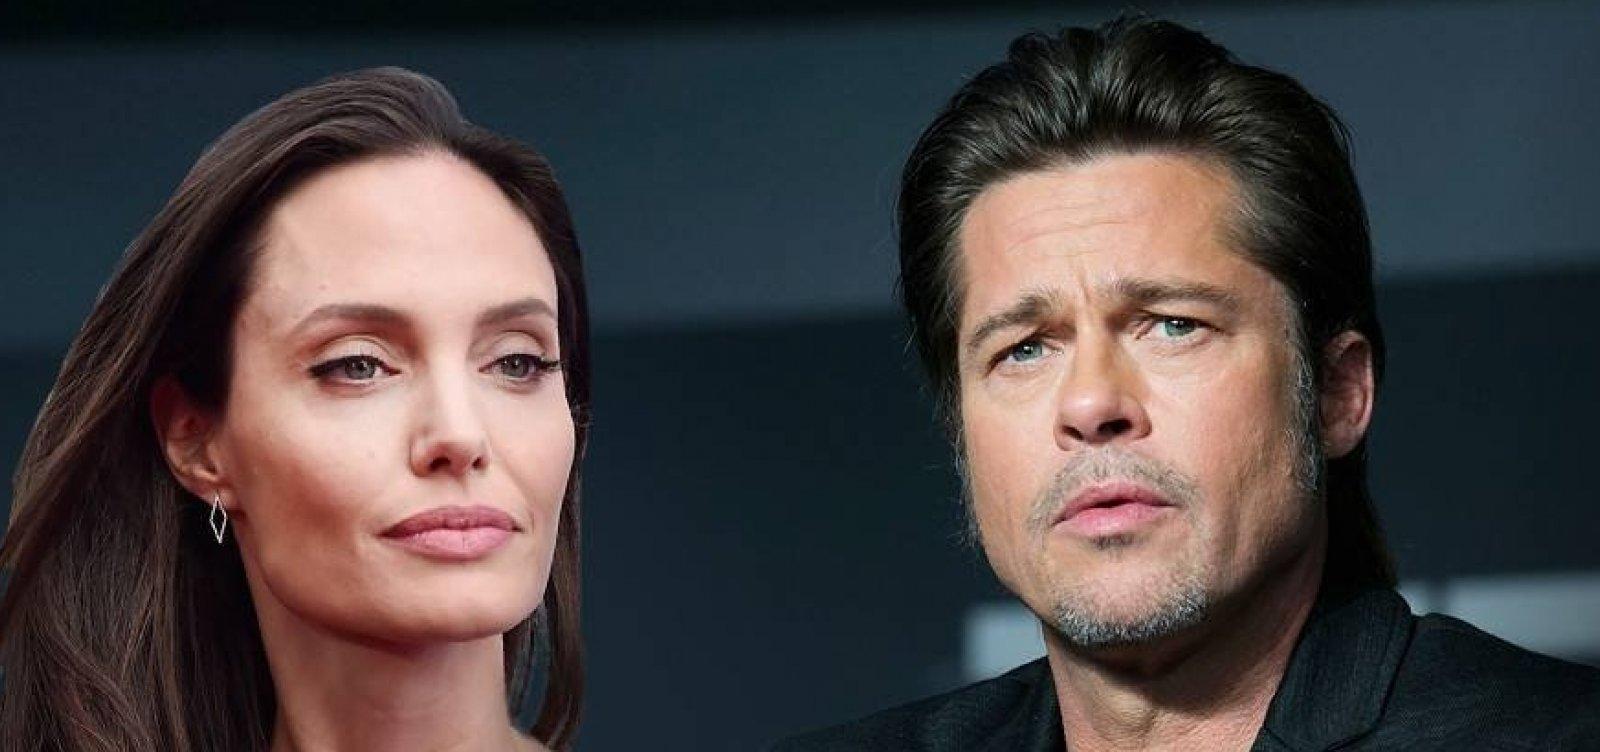 Angelina Jolie retira sobrenome de Brad Pitt após concluir divórcio